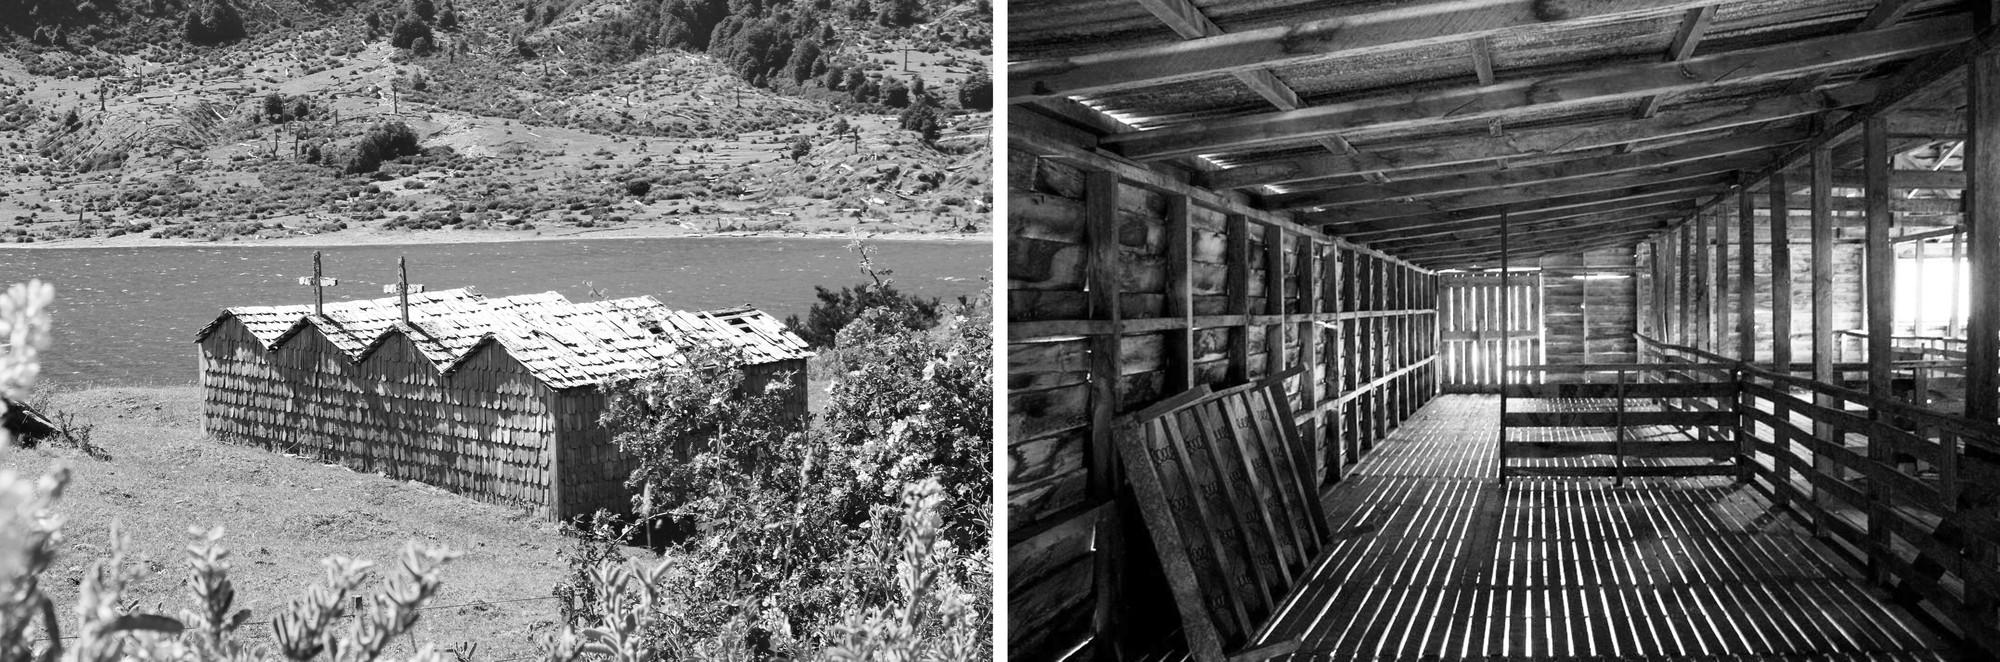 Casas Tumba - Lago Tranquilo - Region de Aysén (Izq.) y Galpon Esquila - Lago Escondido - Región de Magallanes (Der.). Image Courtesy of BBATS + TIRADO LTDA